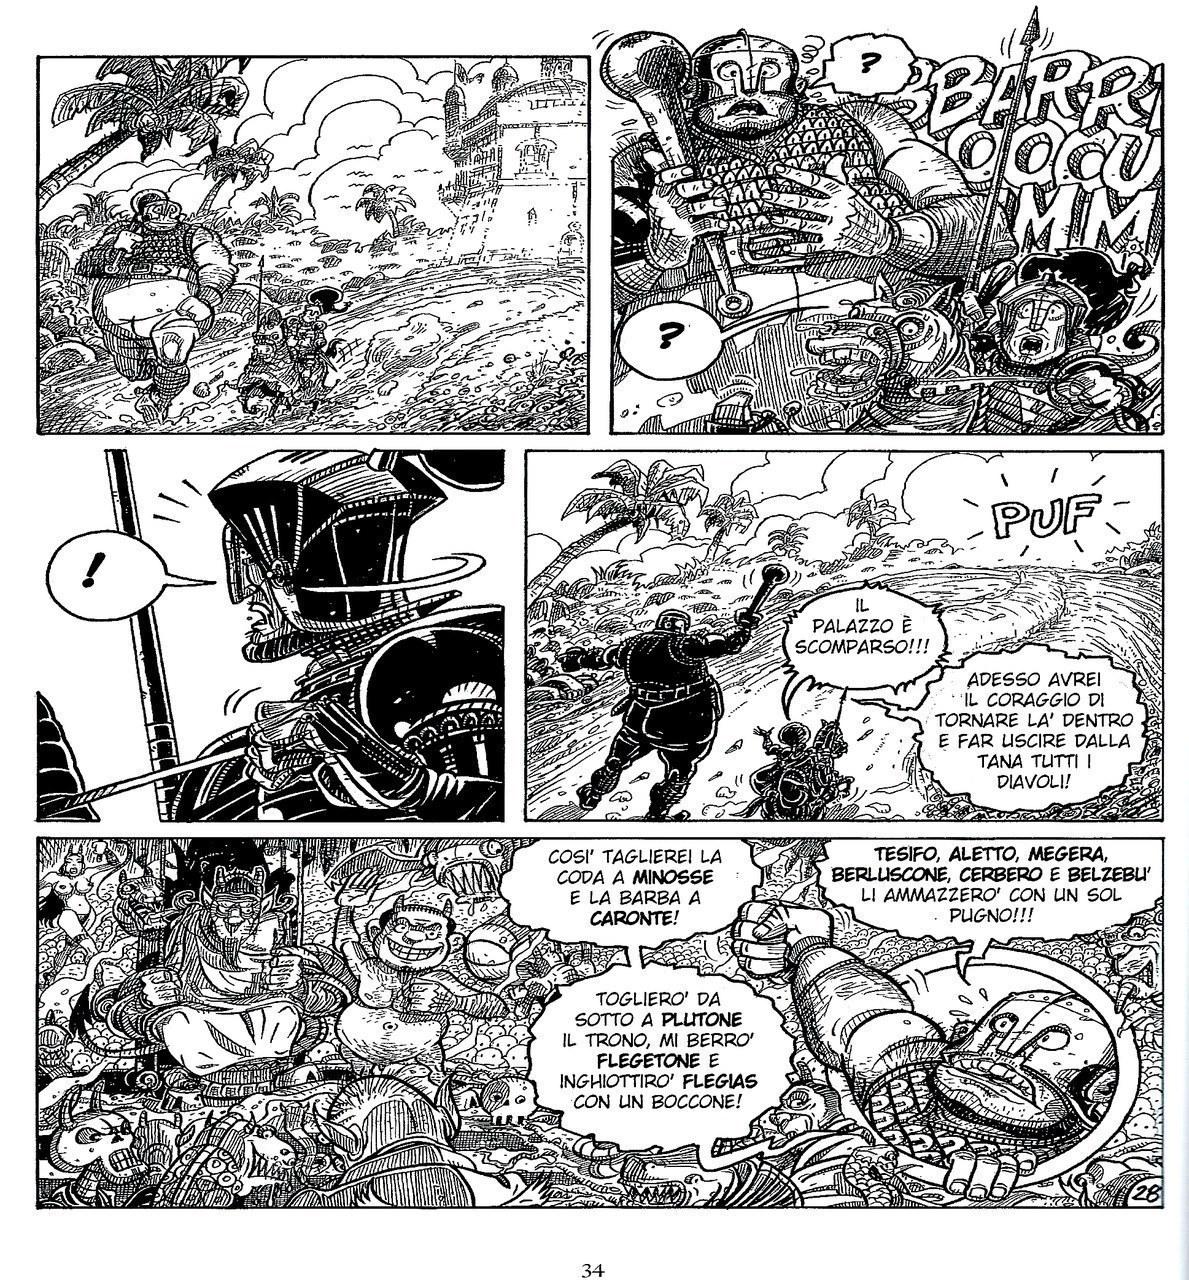 Mauro Cicarè,Morgante minaccia l'inferno, matita e china su carta, 2012, tav. 28 [per gentile concessione dell'autore]